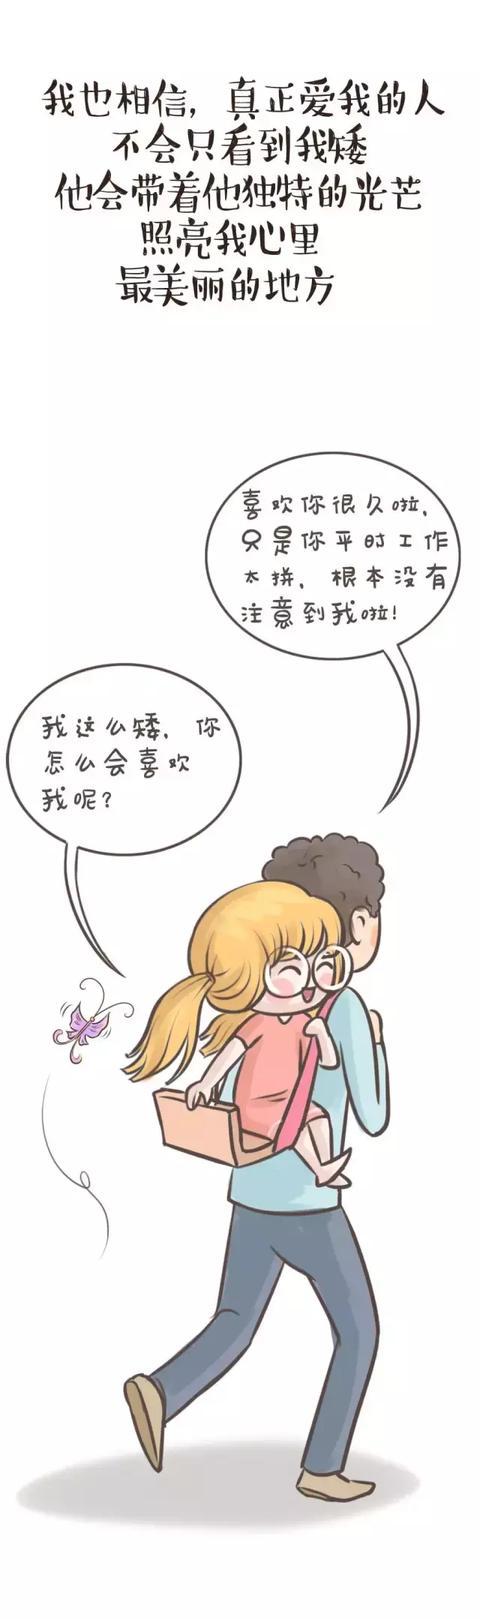 矮个子女生的辛酸史-搜狐图片